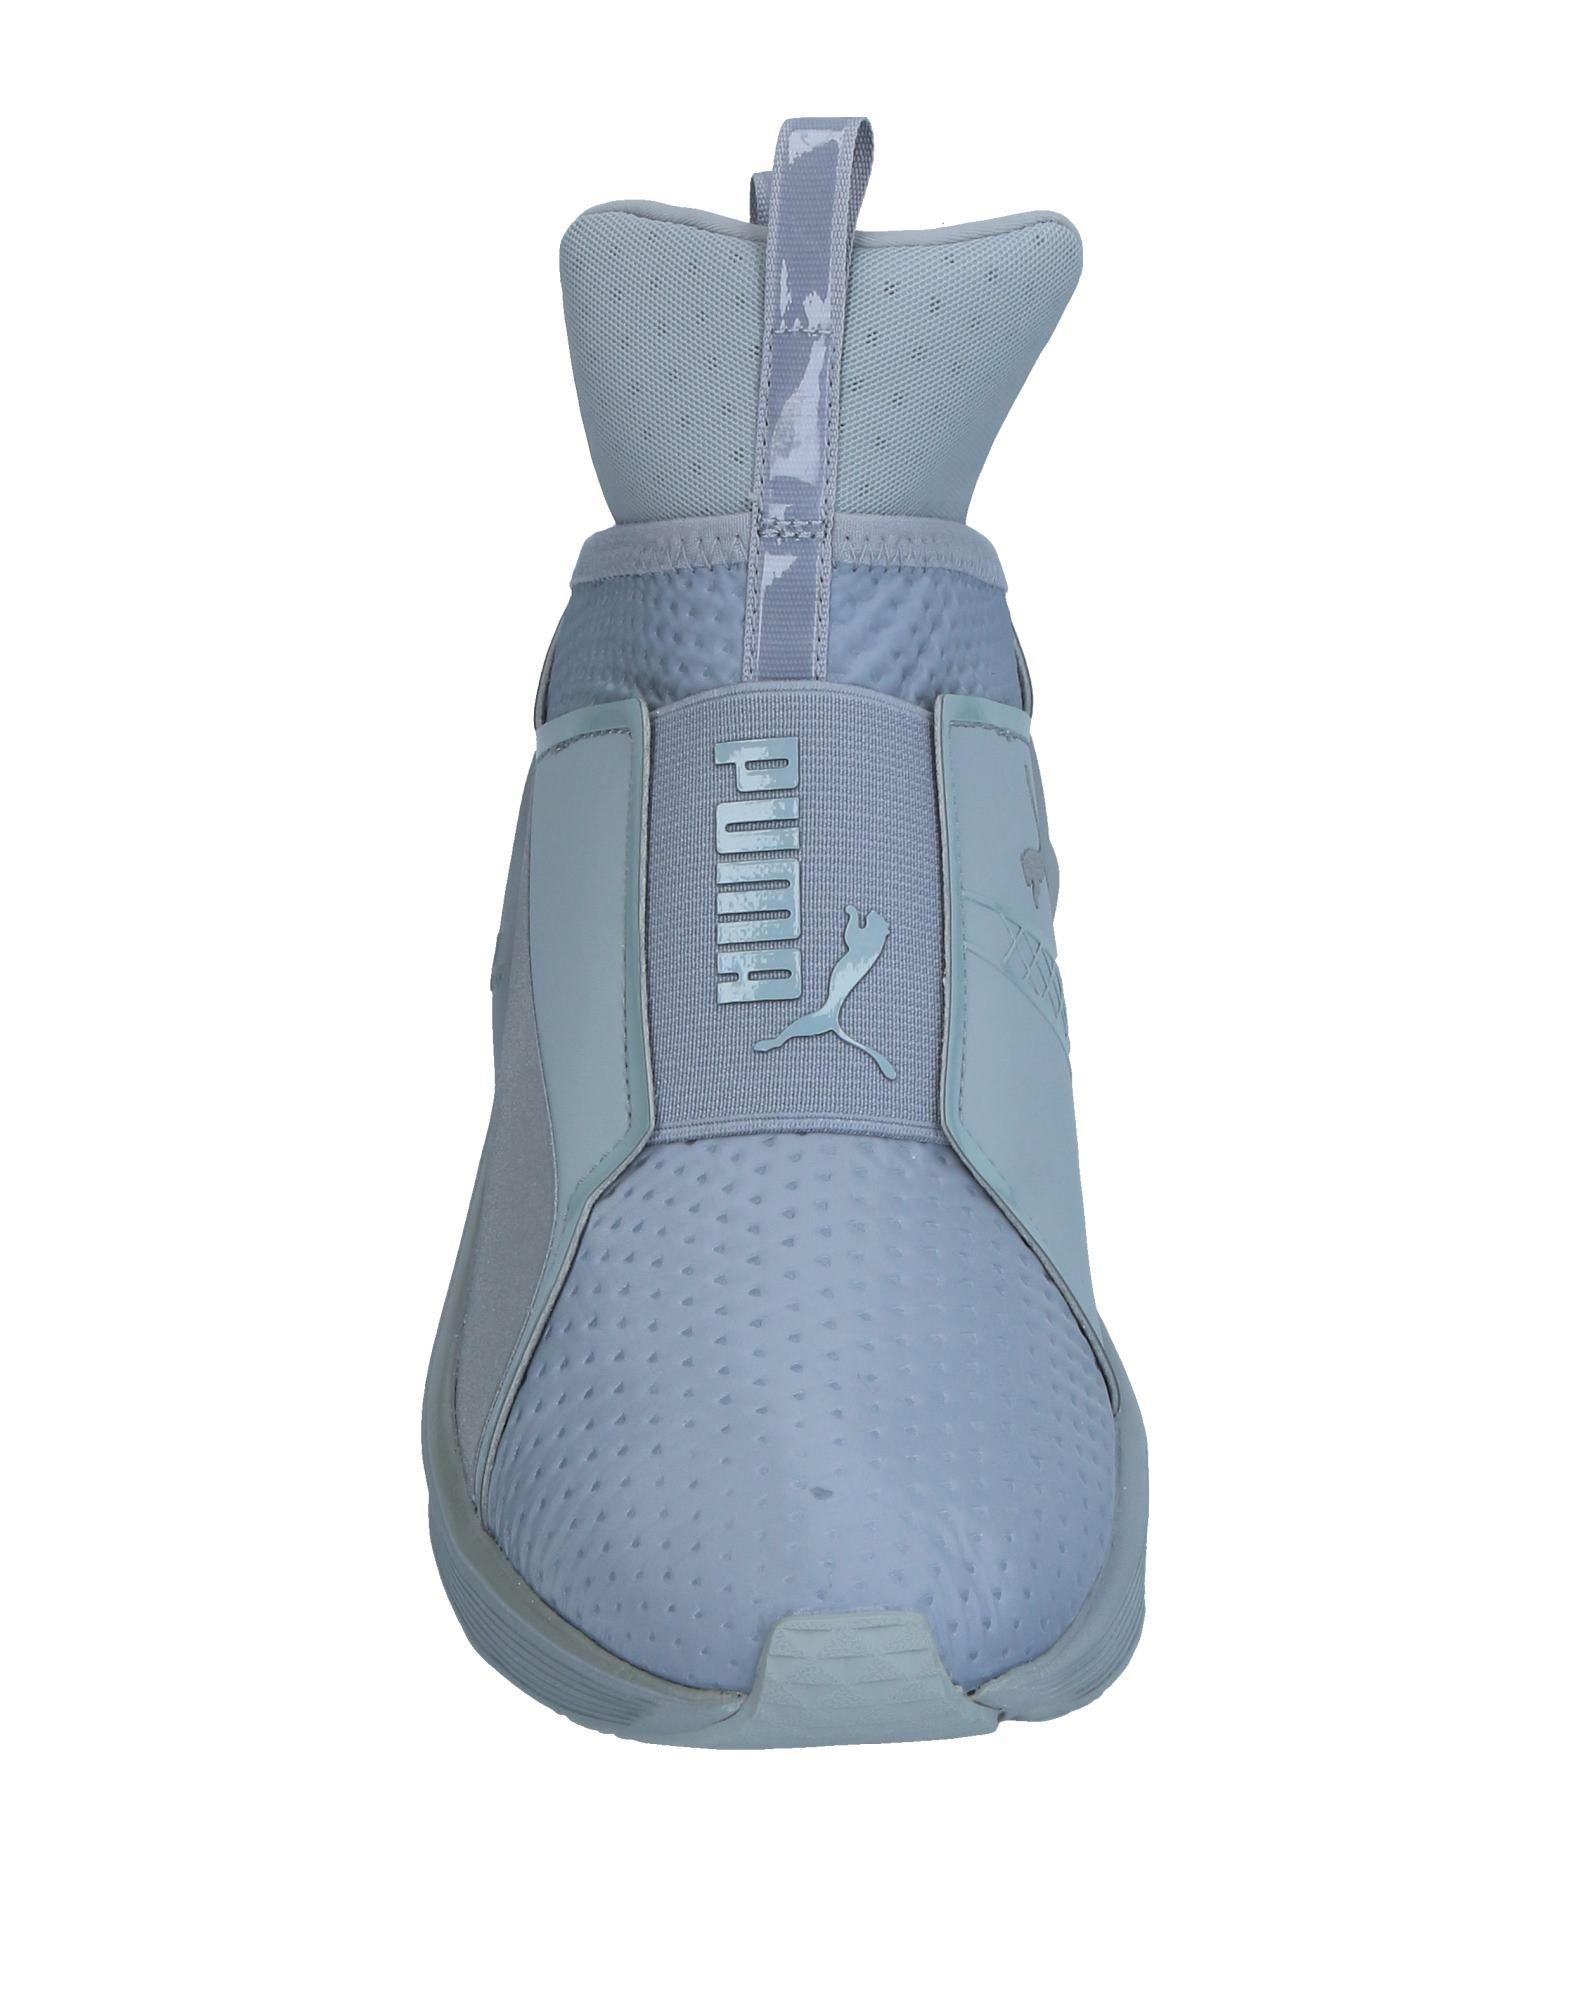 Puma Sneakers Damen Qualität  11333660KT Gute Qualität Damen beliebte Schuhe f03a6b